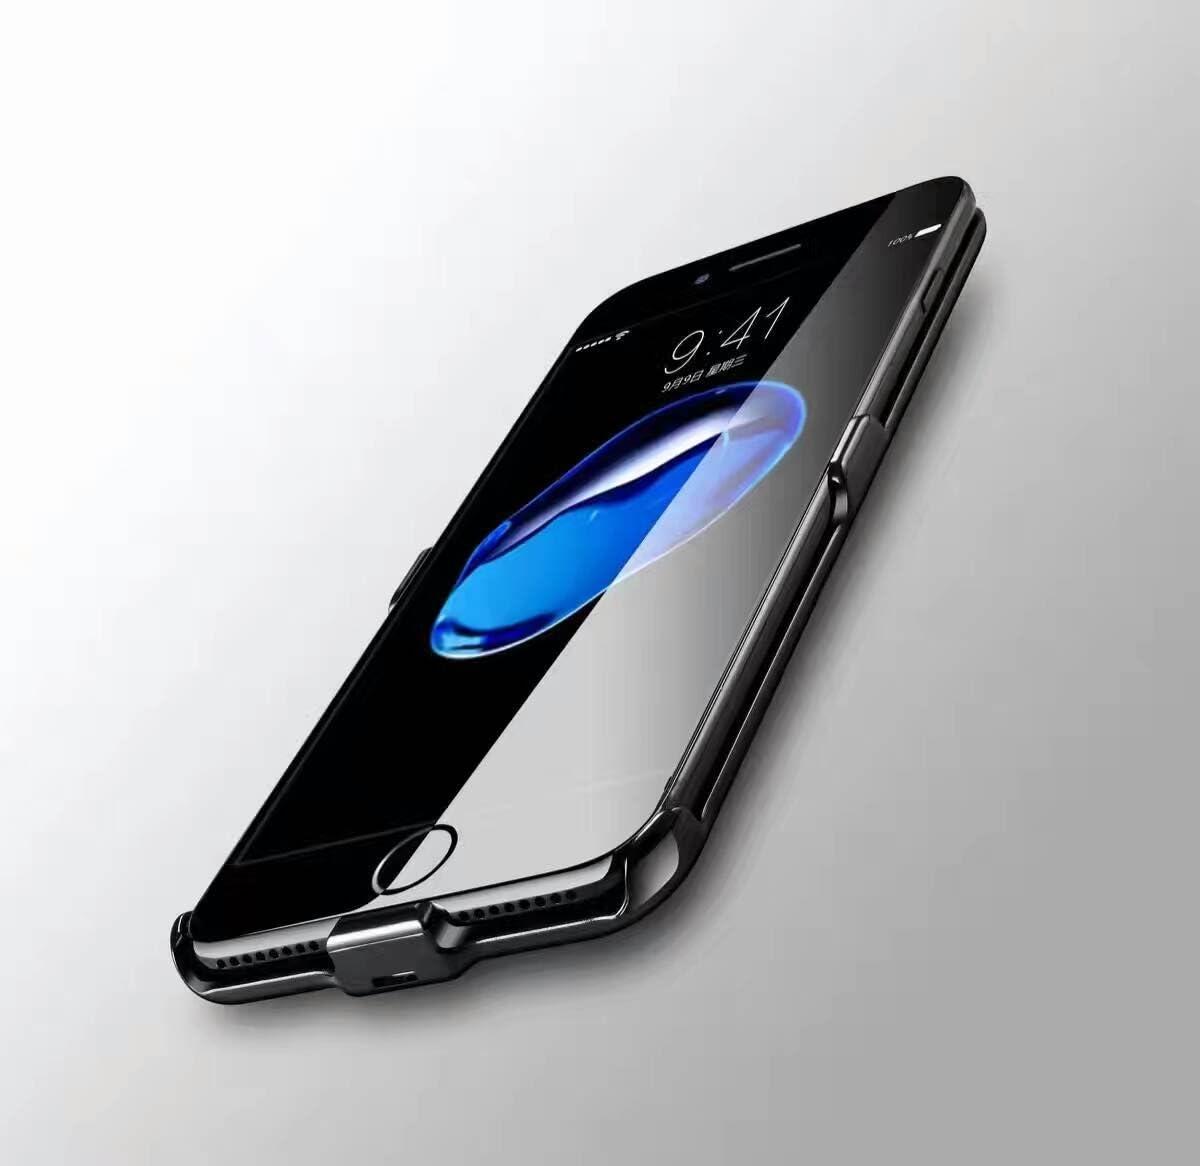 Housses De T/él/éphone Portable Housse Chargeur iPhone 6//7 Coque batterie iPhone 6//6S /étui de charge iPhone 7//7S Ultra Fine naack 3000/mAh Housse Couverture 7//7S Imprim/é couverture pour iPhone 7